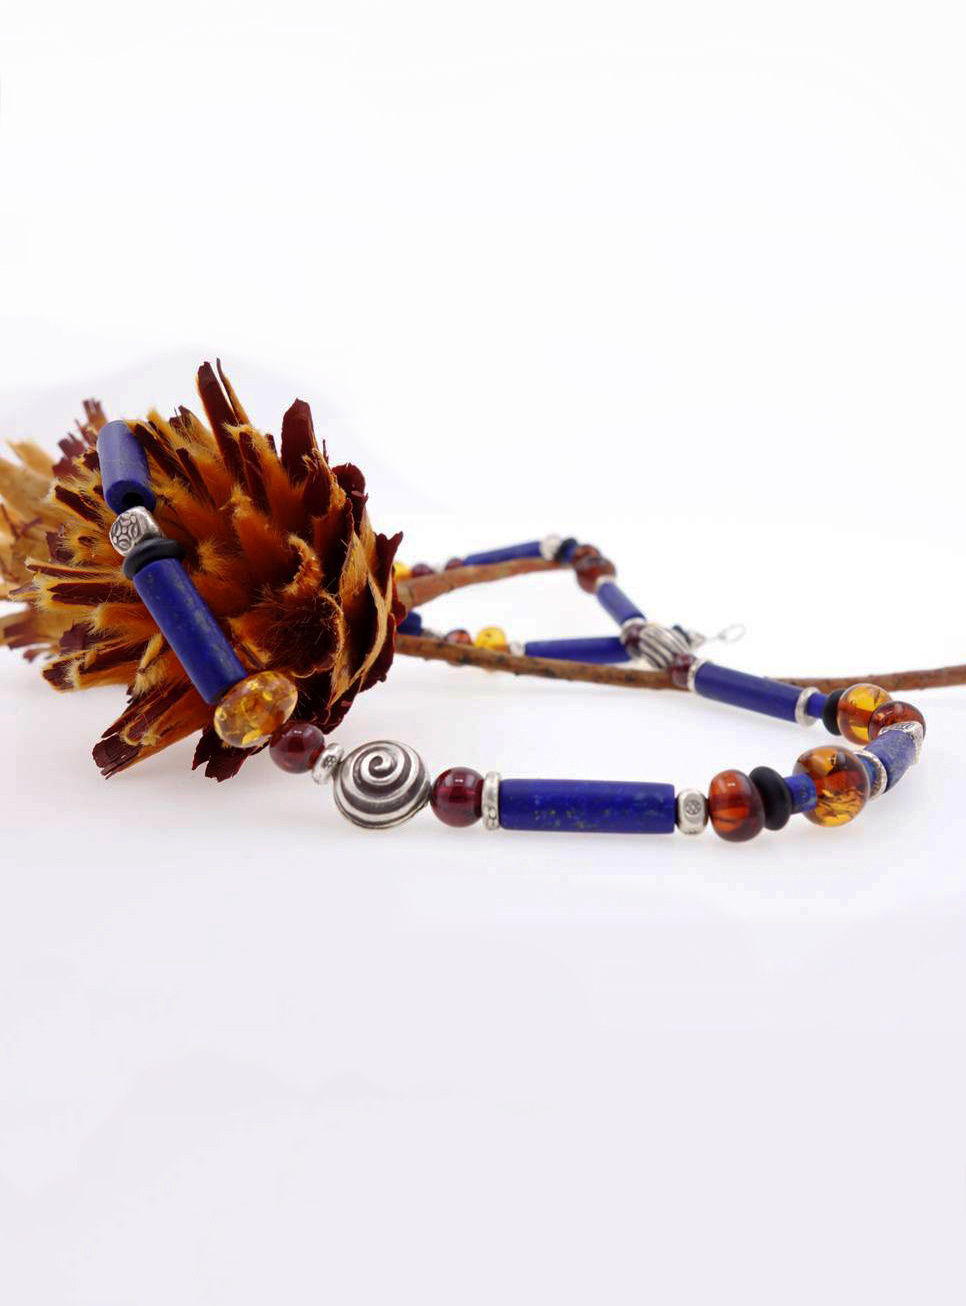 Halskette Lapislazuli,  3 Silberschnecken